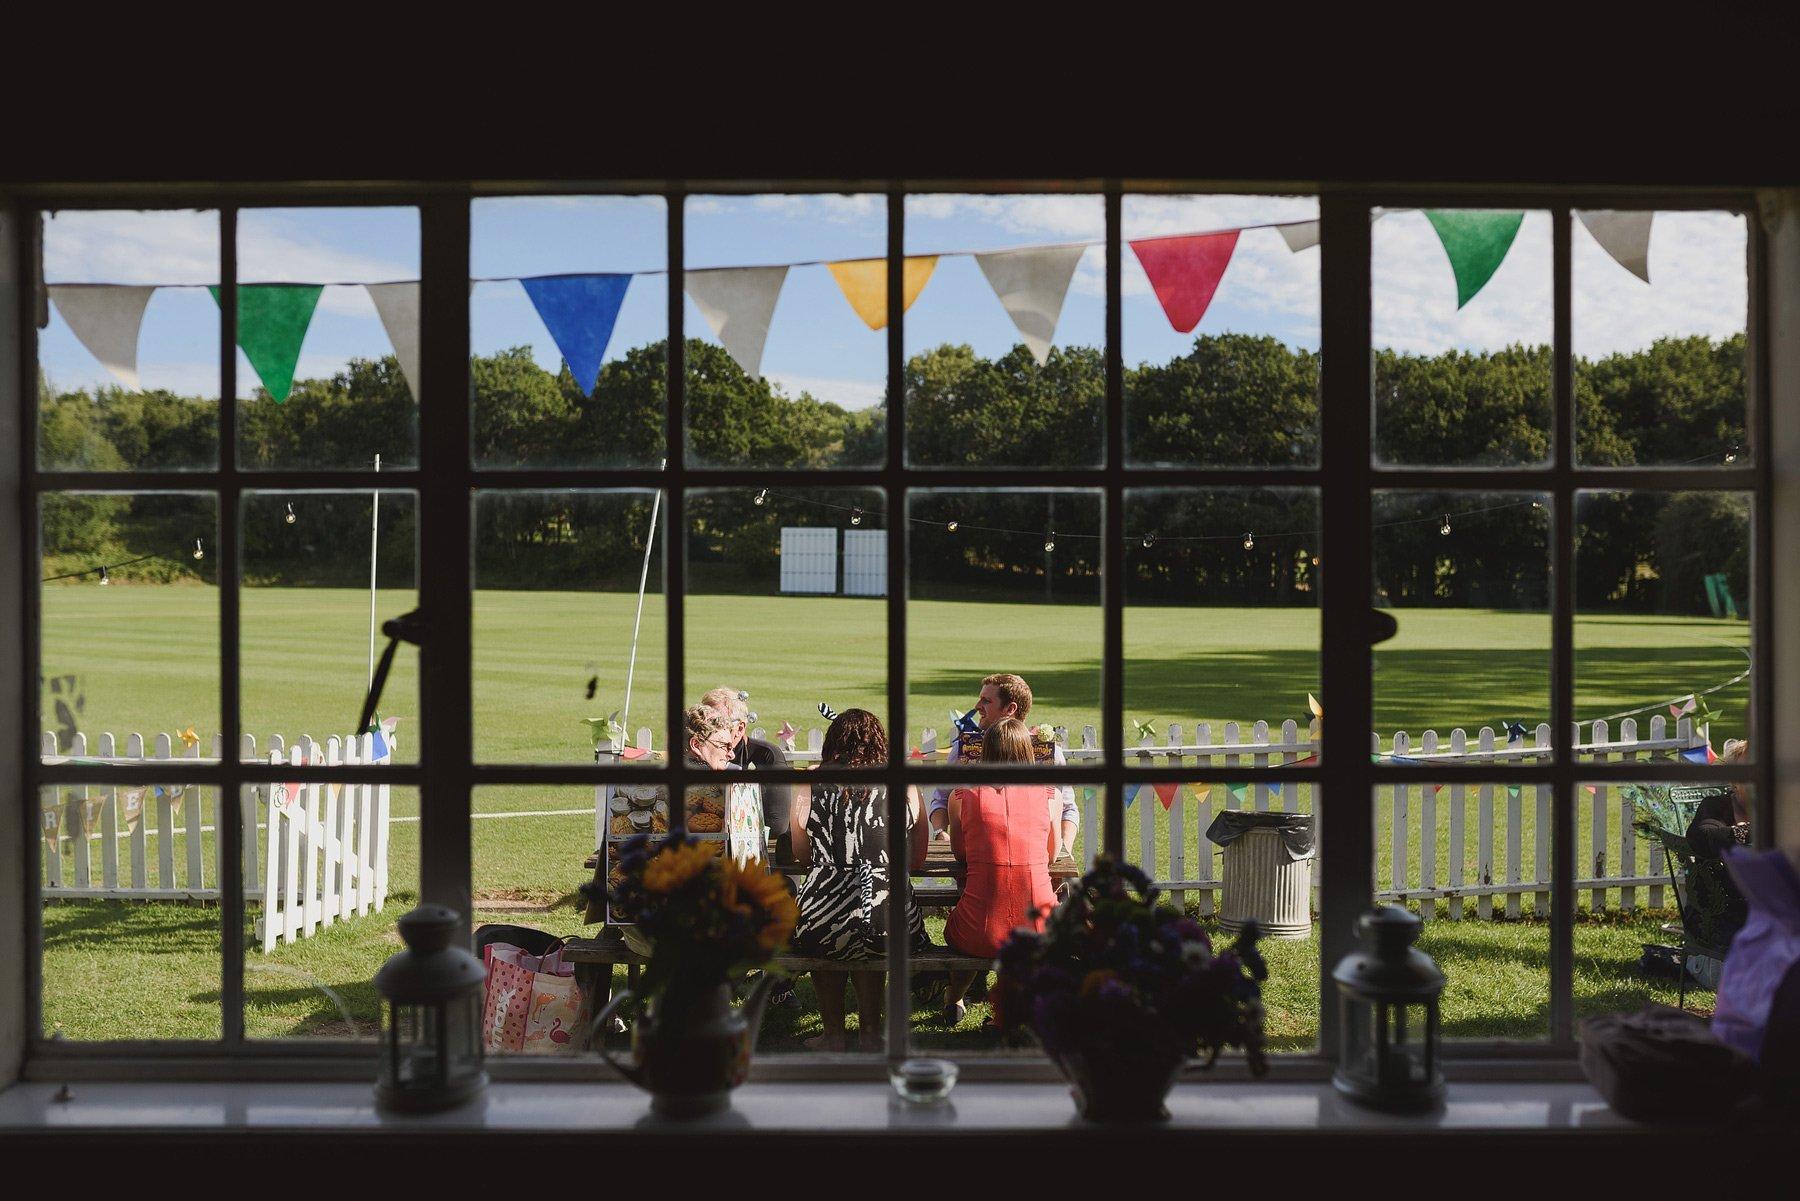 streatham and marlborough cricket club fancy dress wedding photo